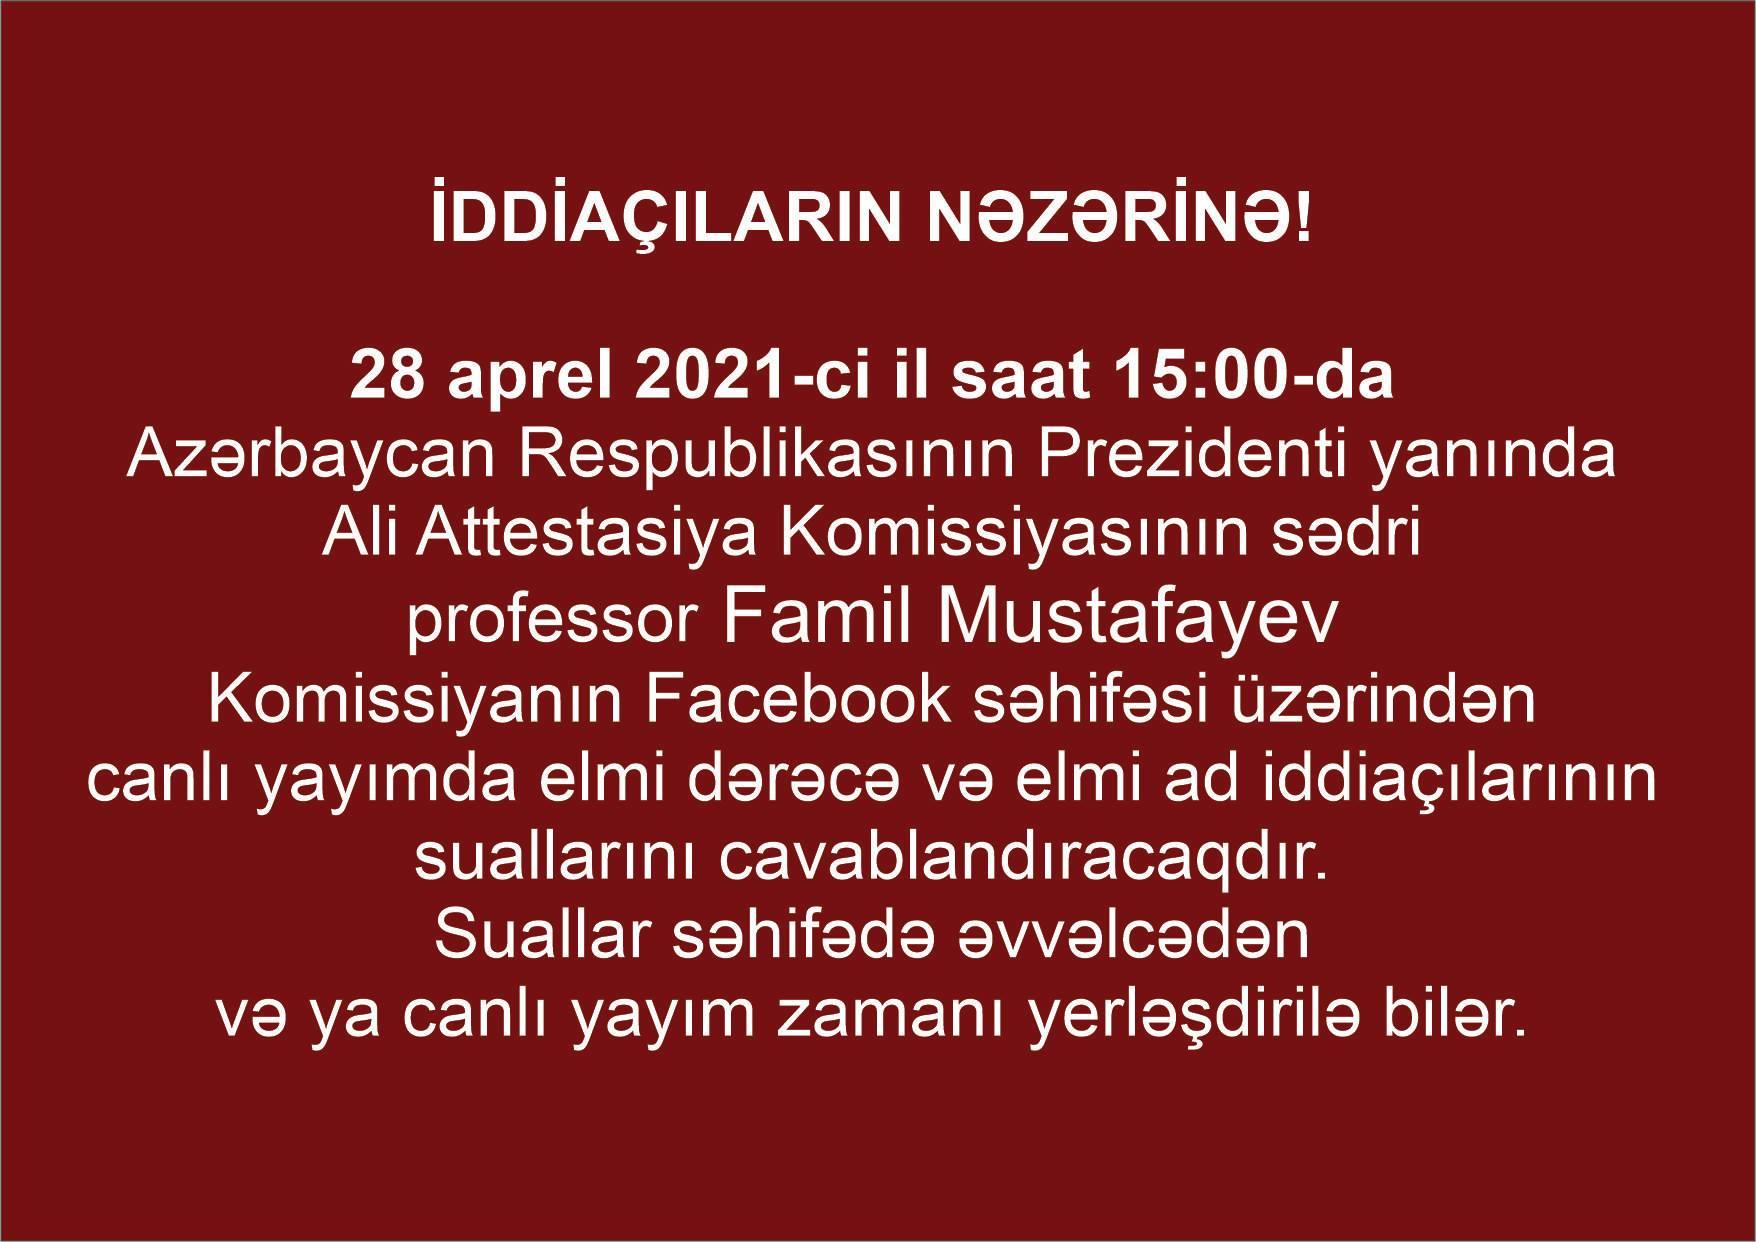 Elmi dərəcə və elmi ad iddiaçıların diqqətinə!!!